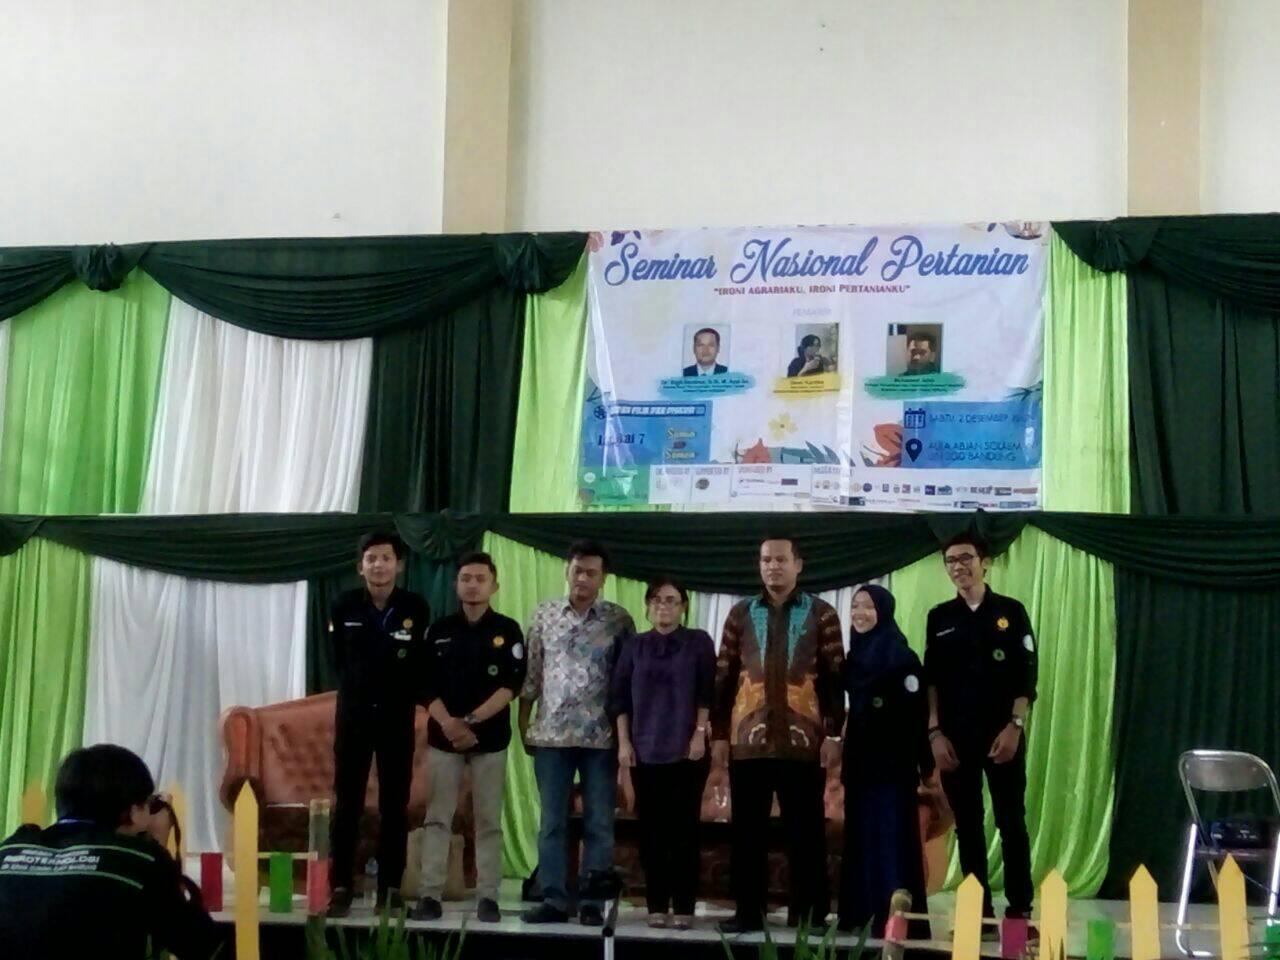 MENGENAL PERMASALAHAN AGRARIA DI INDONESIA